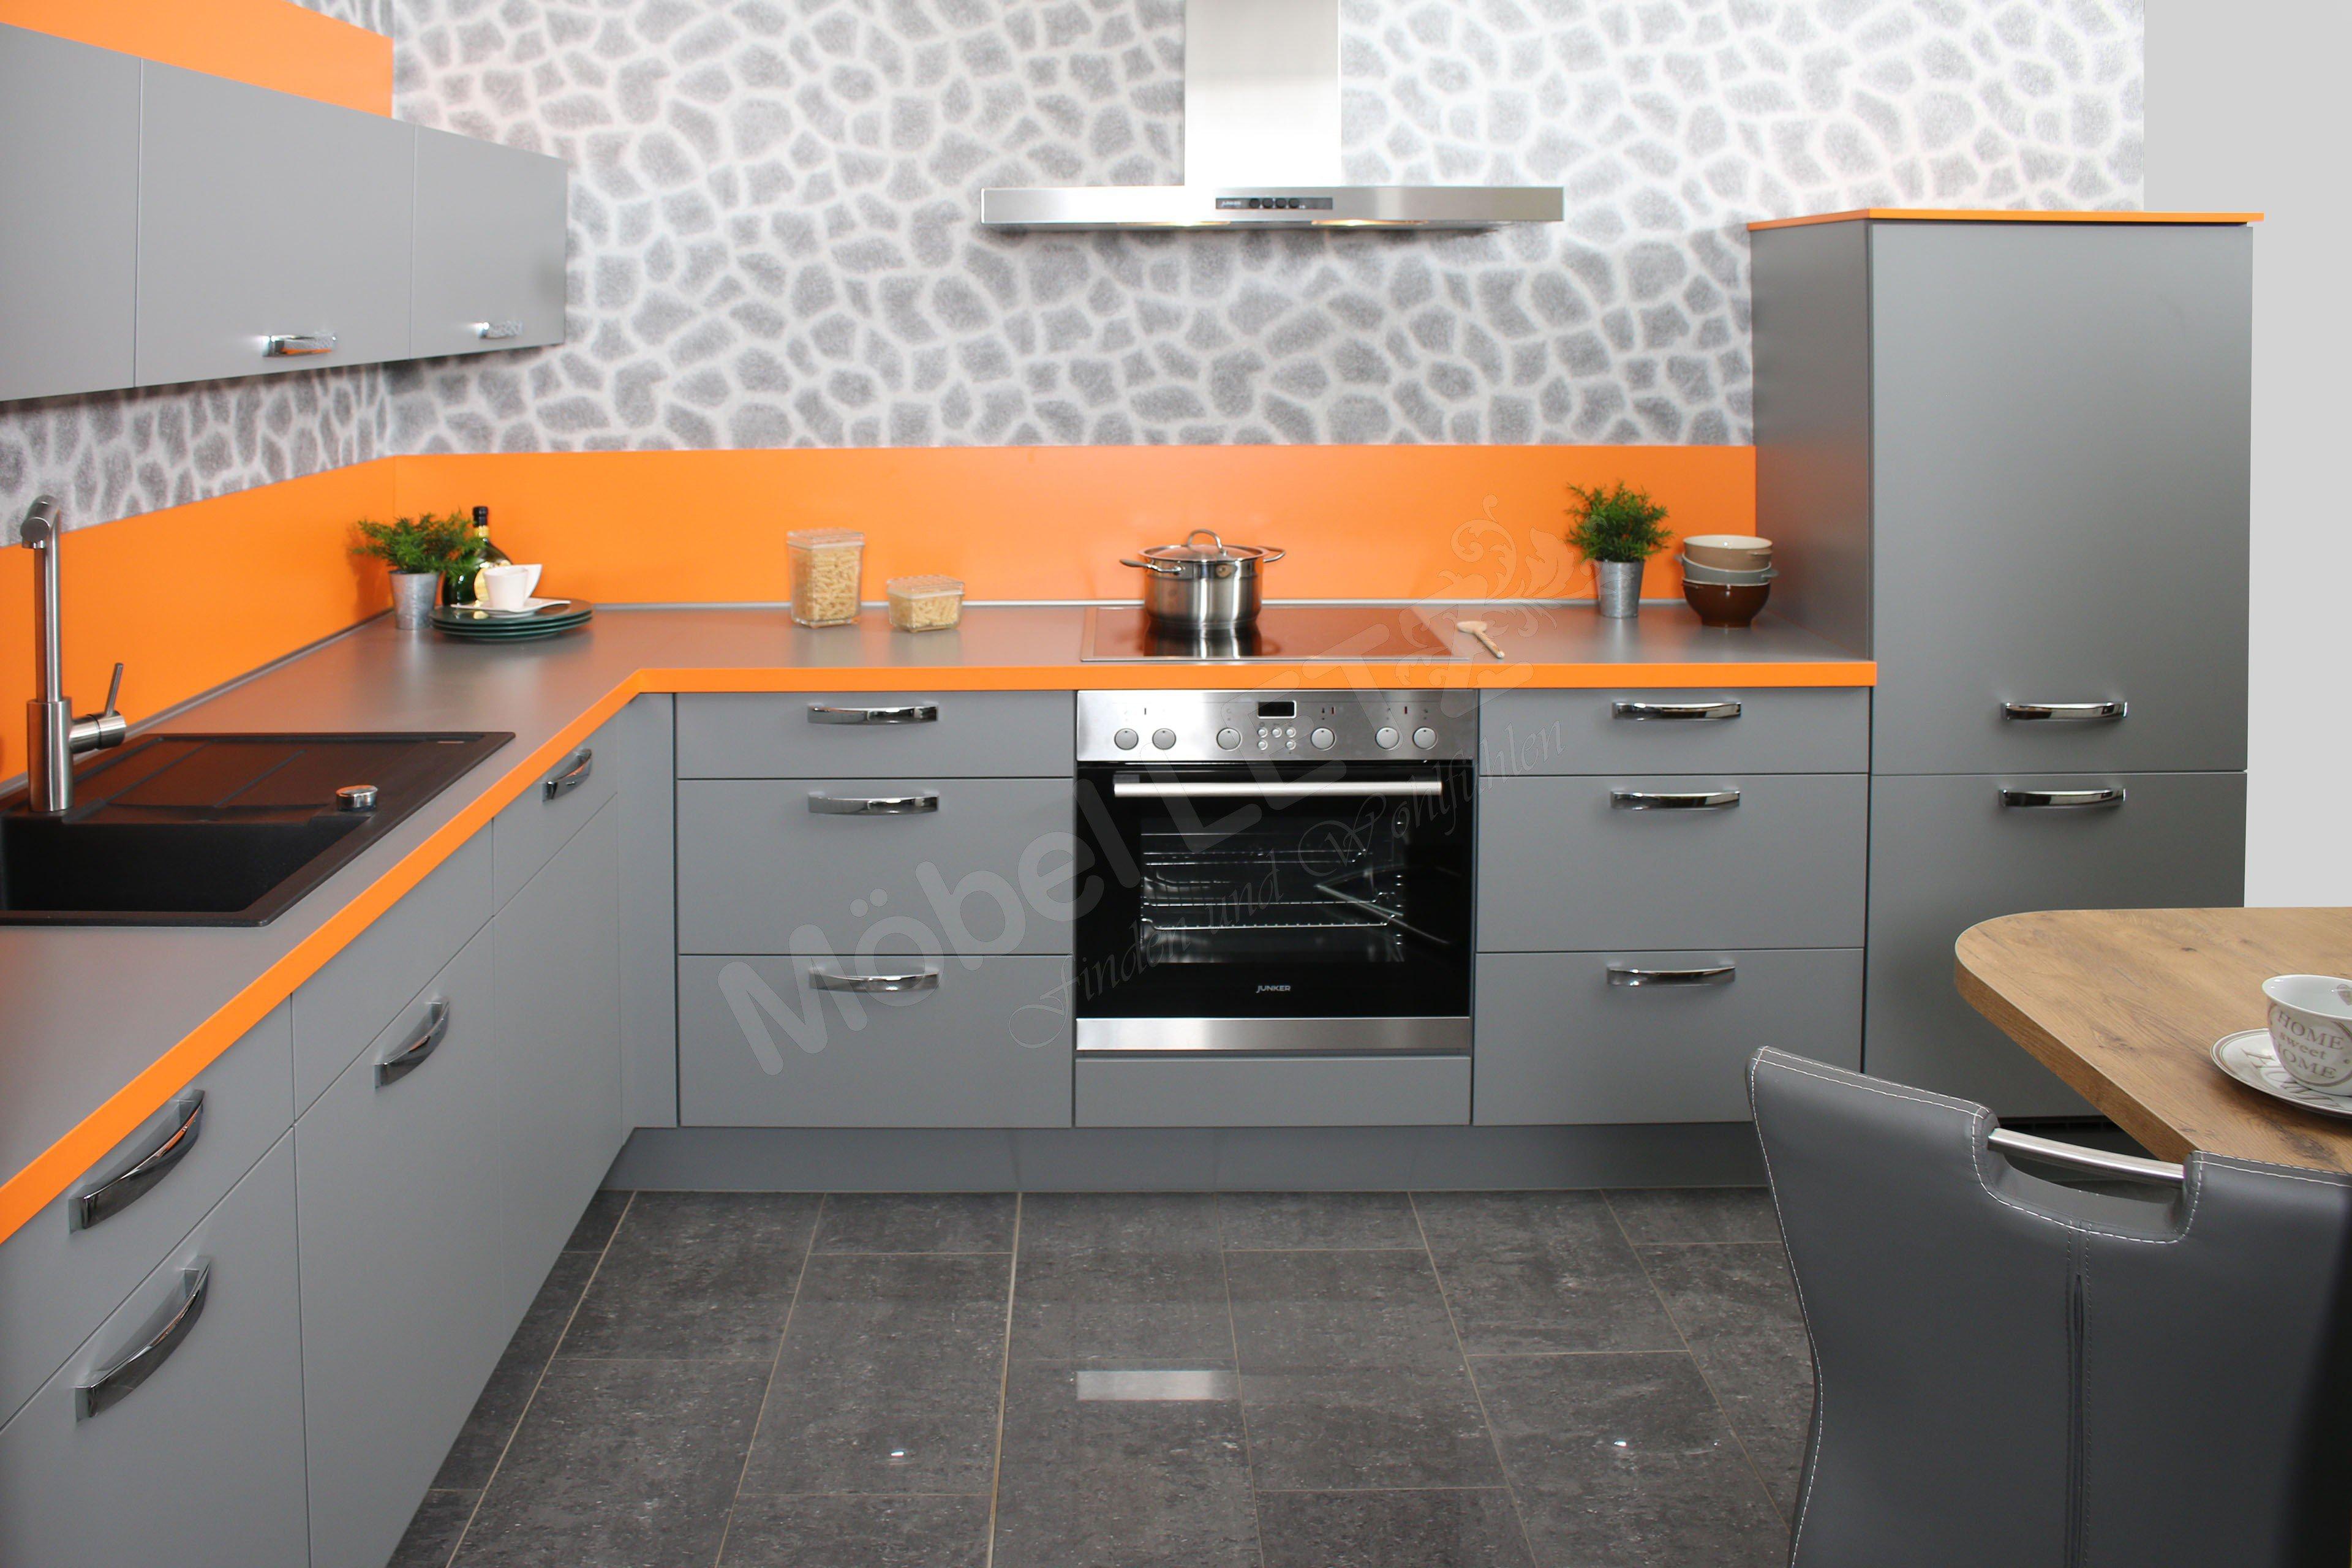 nobilia k chen gebraucht ikea k che unvollst ndig abschlussregal wasserhahn graphit bauernhaus. Black Bedroom Furniture Sets. Home Design Ideas